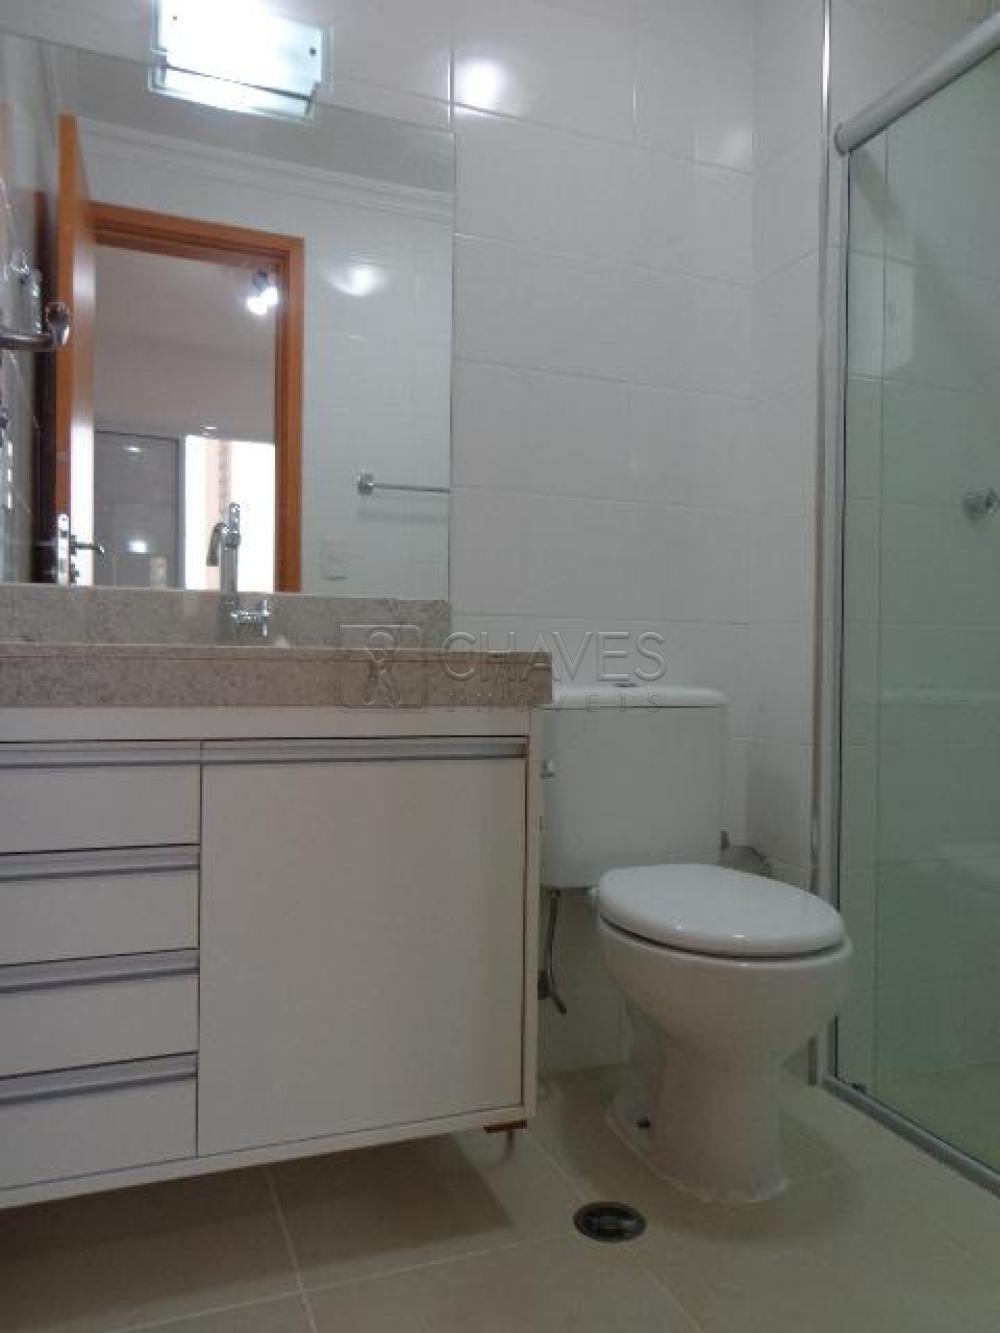 Comprar Apartamento / Padrão em Ribeirão Preto apenas R$ 450.000,00 - Foto 11